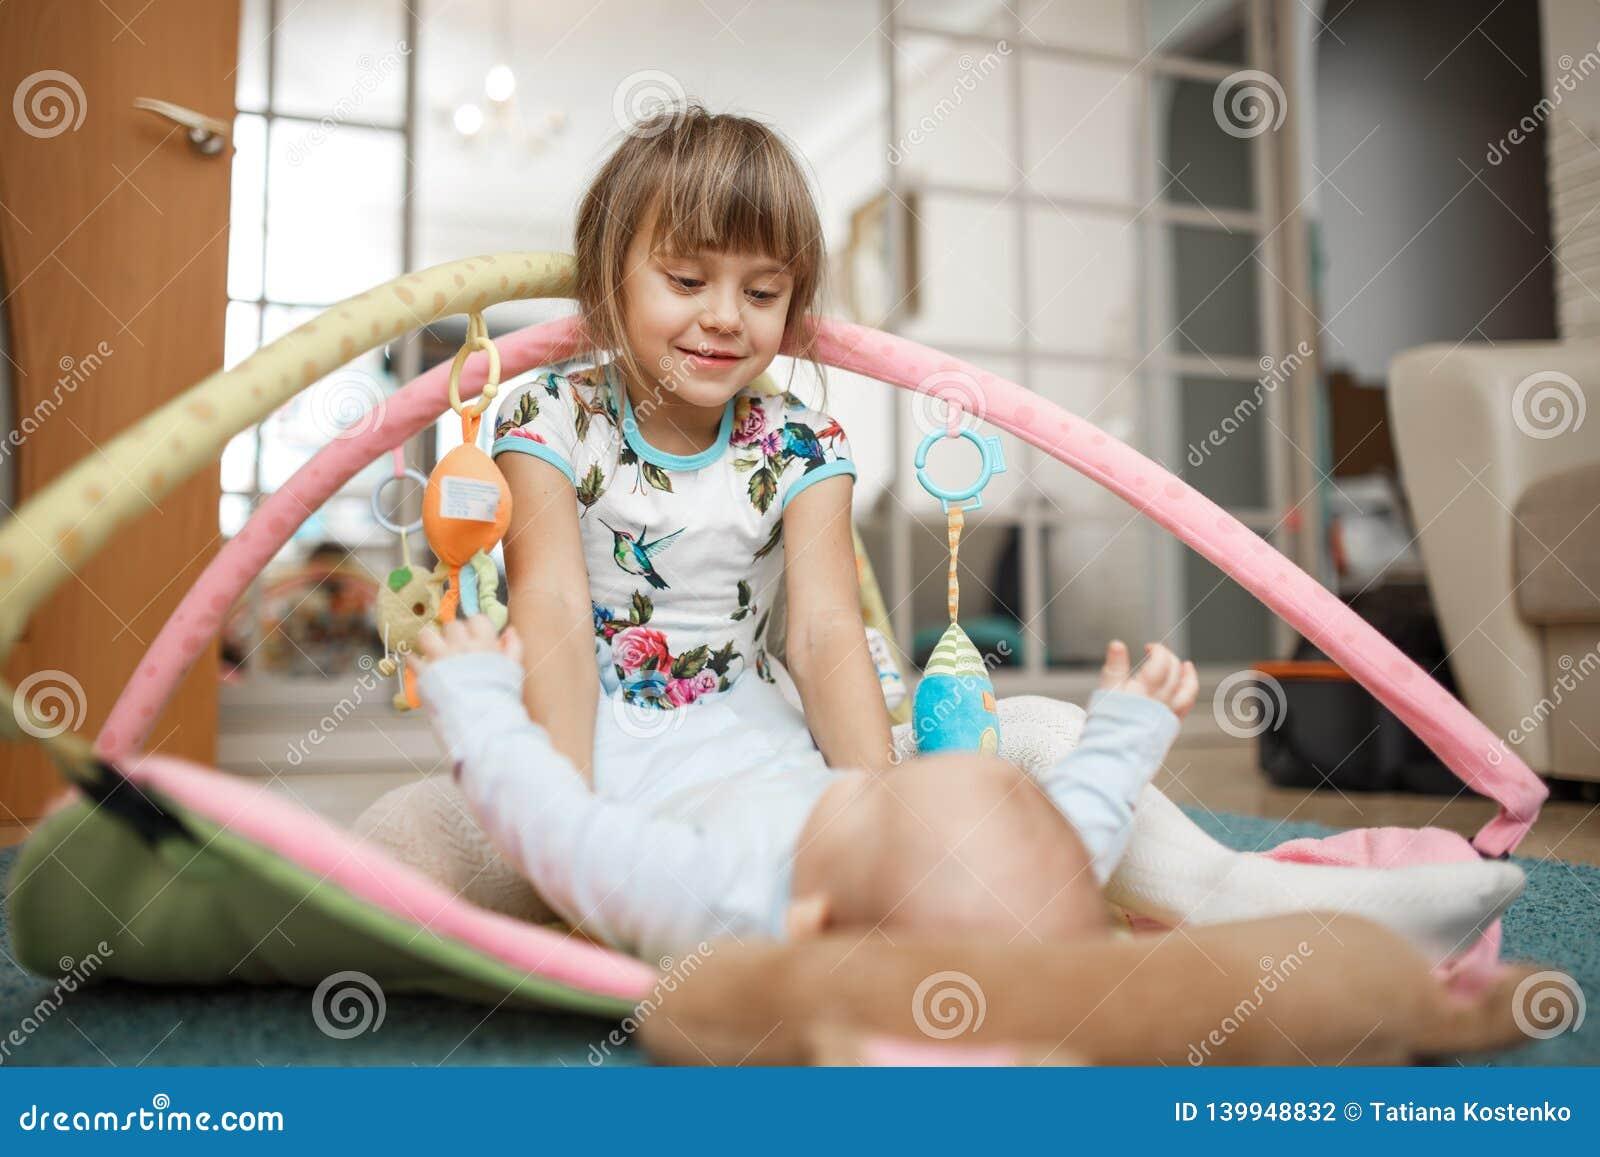 Den lilla charmiga flickan ser hennes mycket lilla broder som ligger på mattan på golvet i rummet